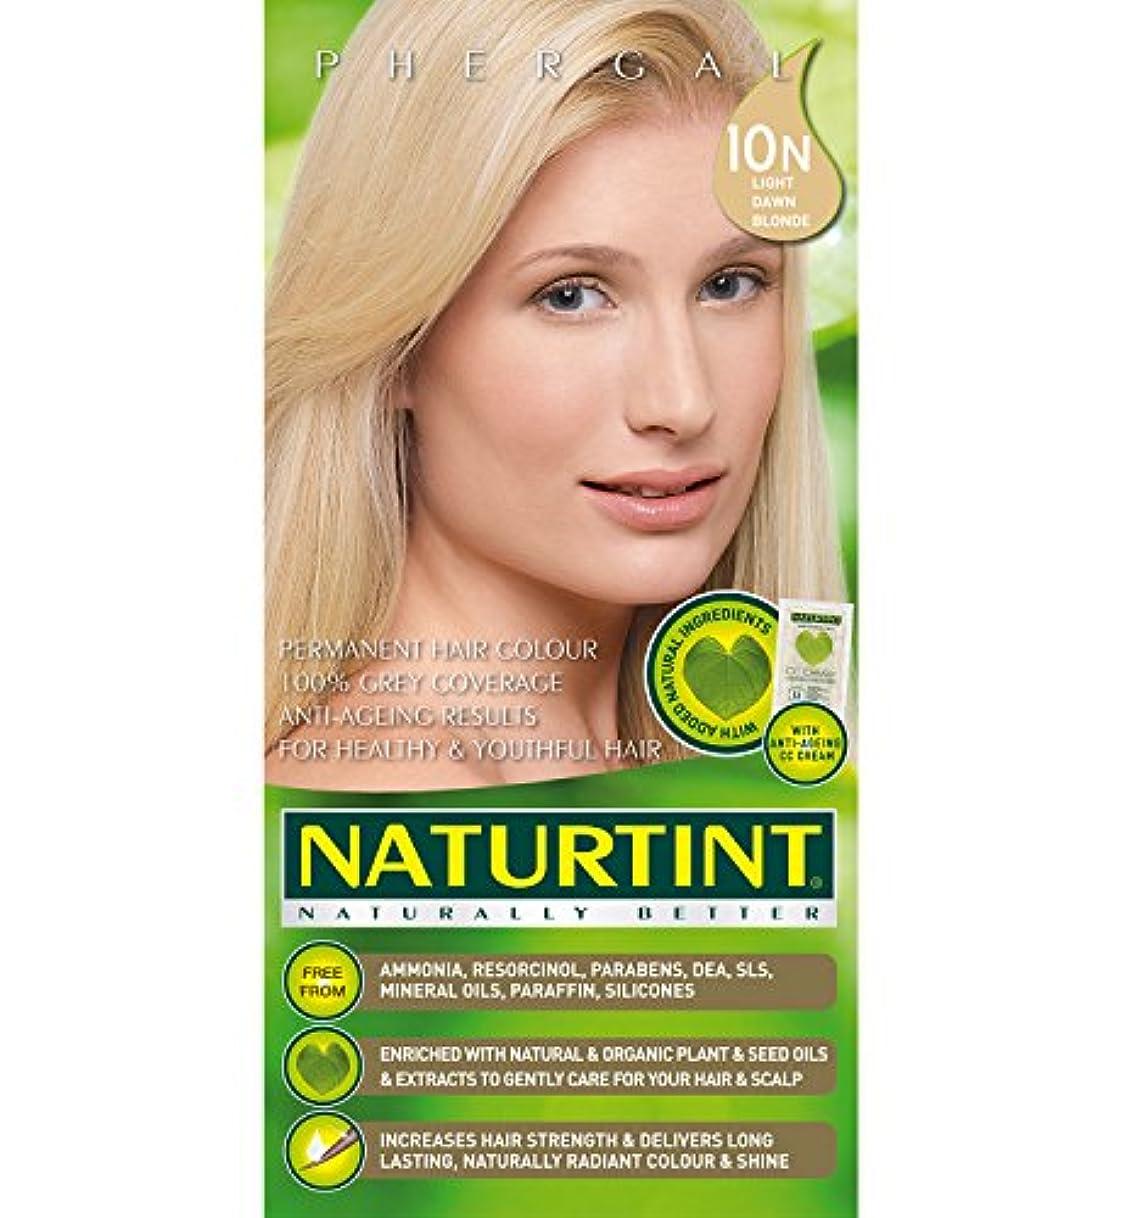 アウターパンオールNaturtint Hair Color 10N Light Dawn Blonde Count (並行輸入品)